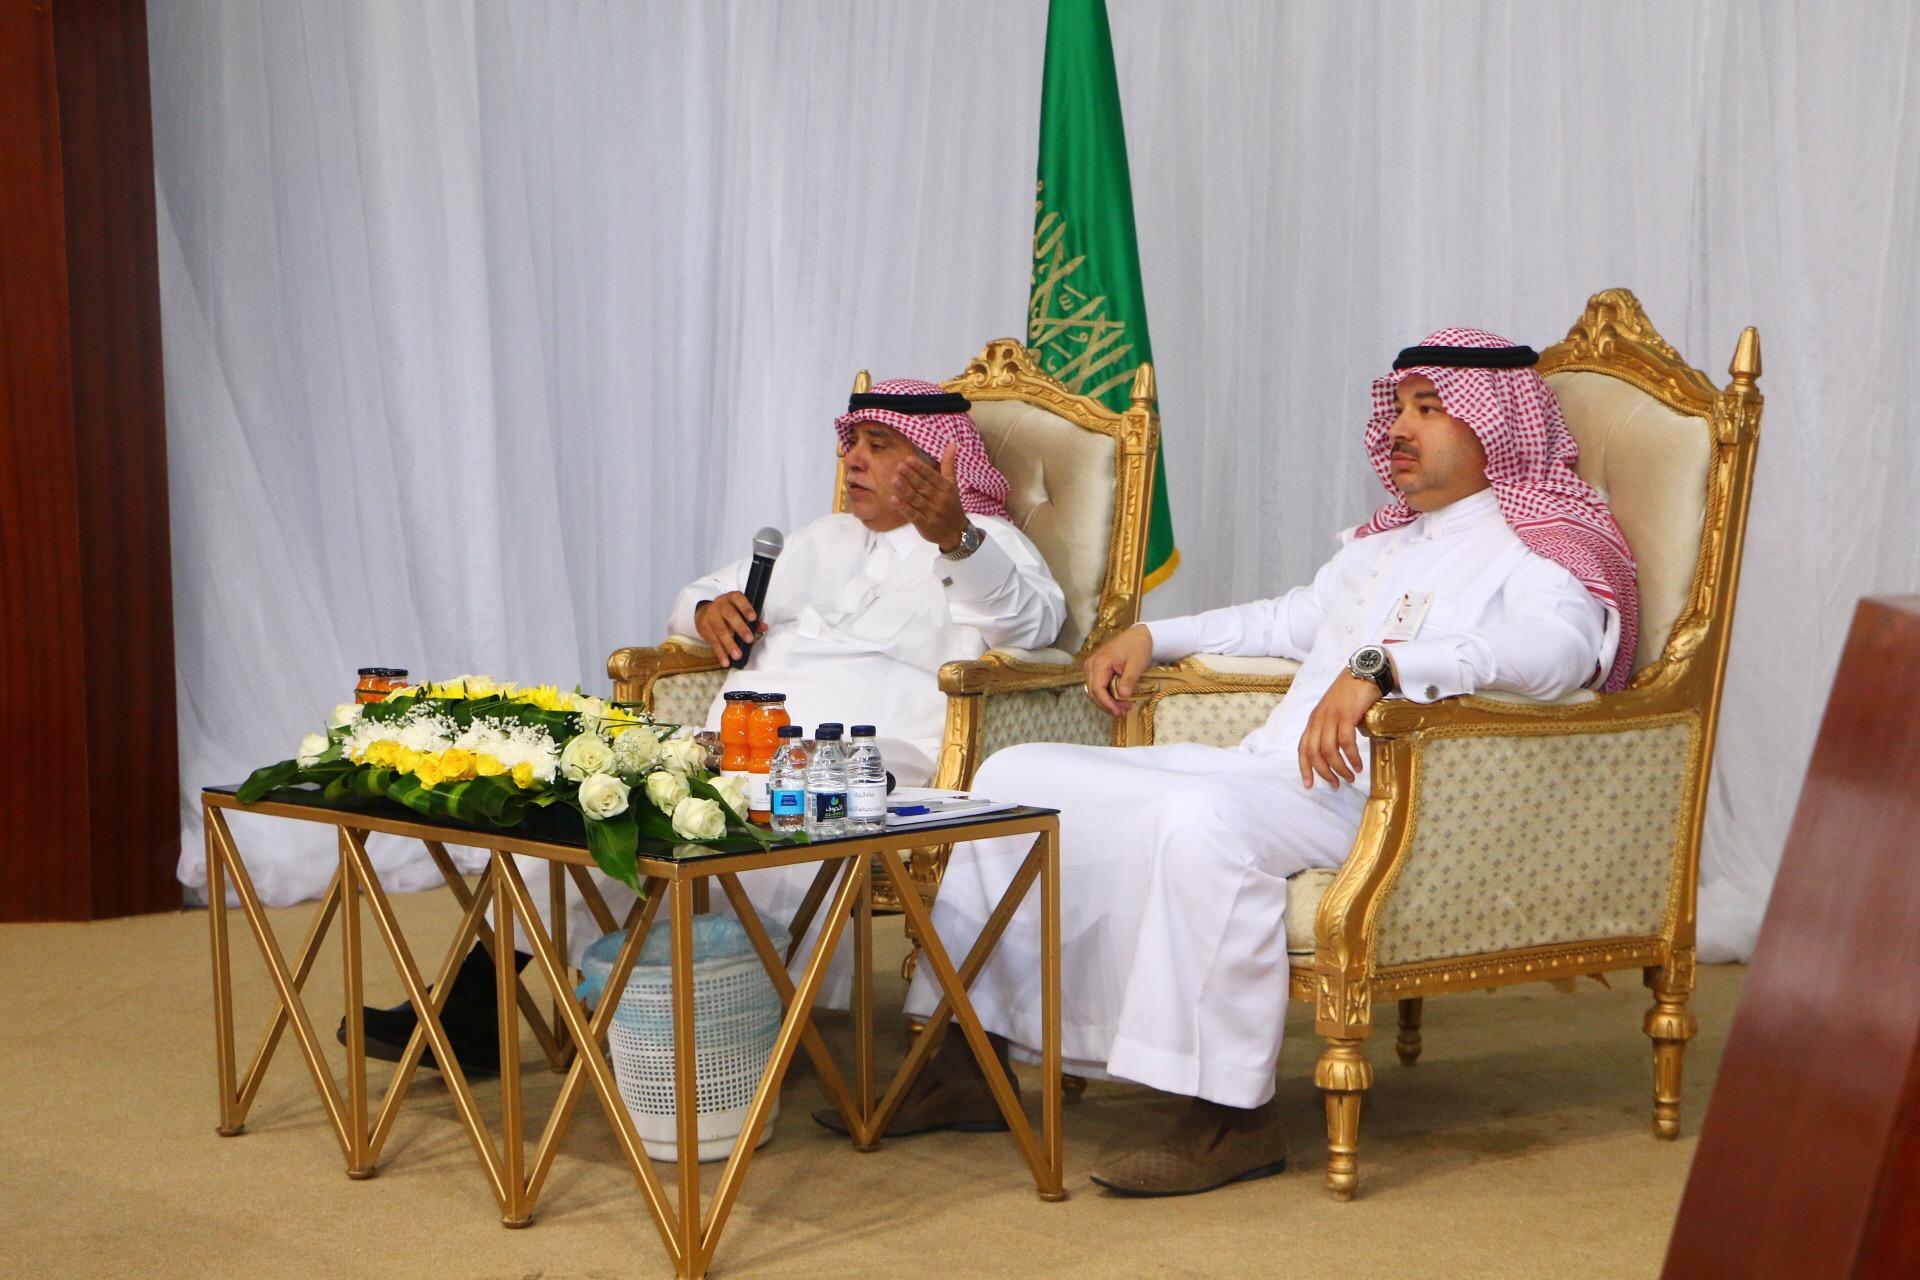 وزير التجارة والاستثمار يلتقي رجال وسيدات الأعمال بالجوف